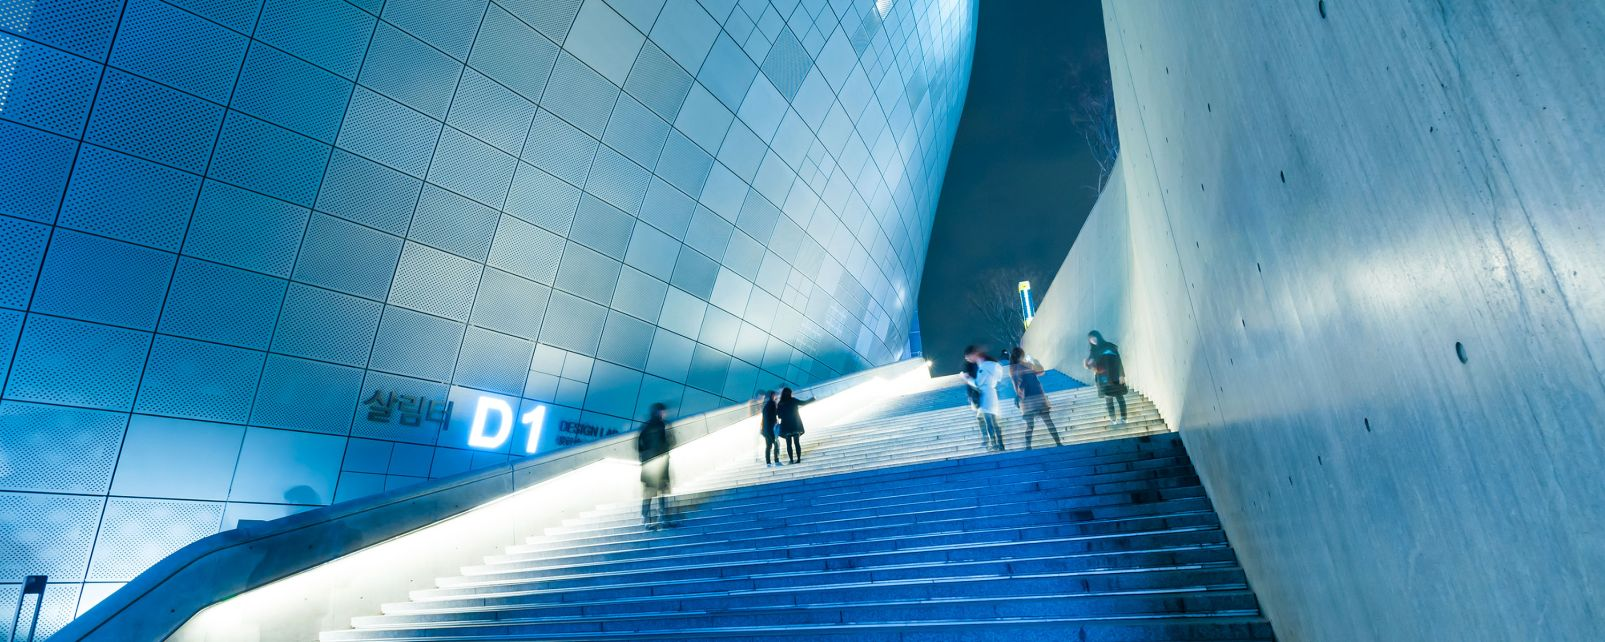 Contemporary arts, Contemporary Arts, Arts and culture, South Korea